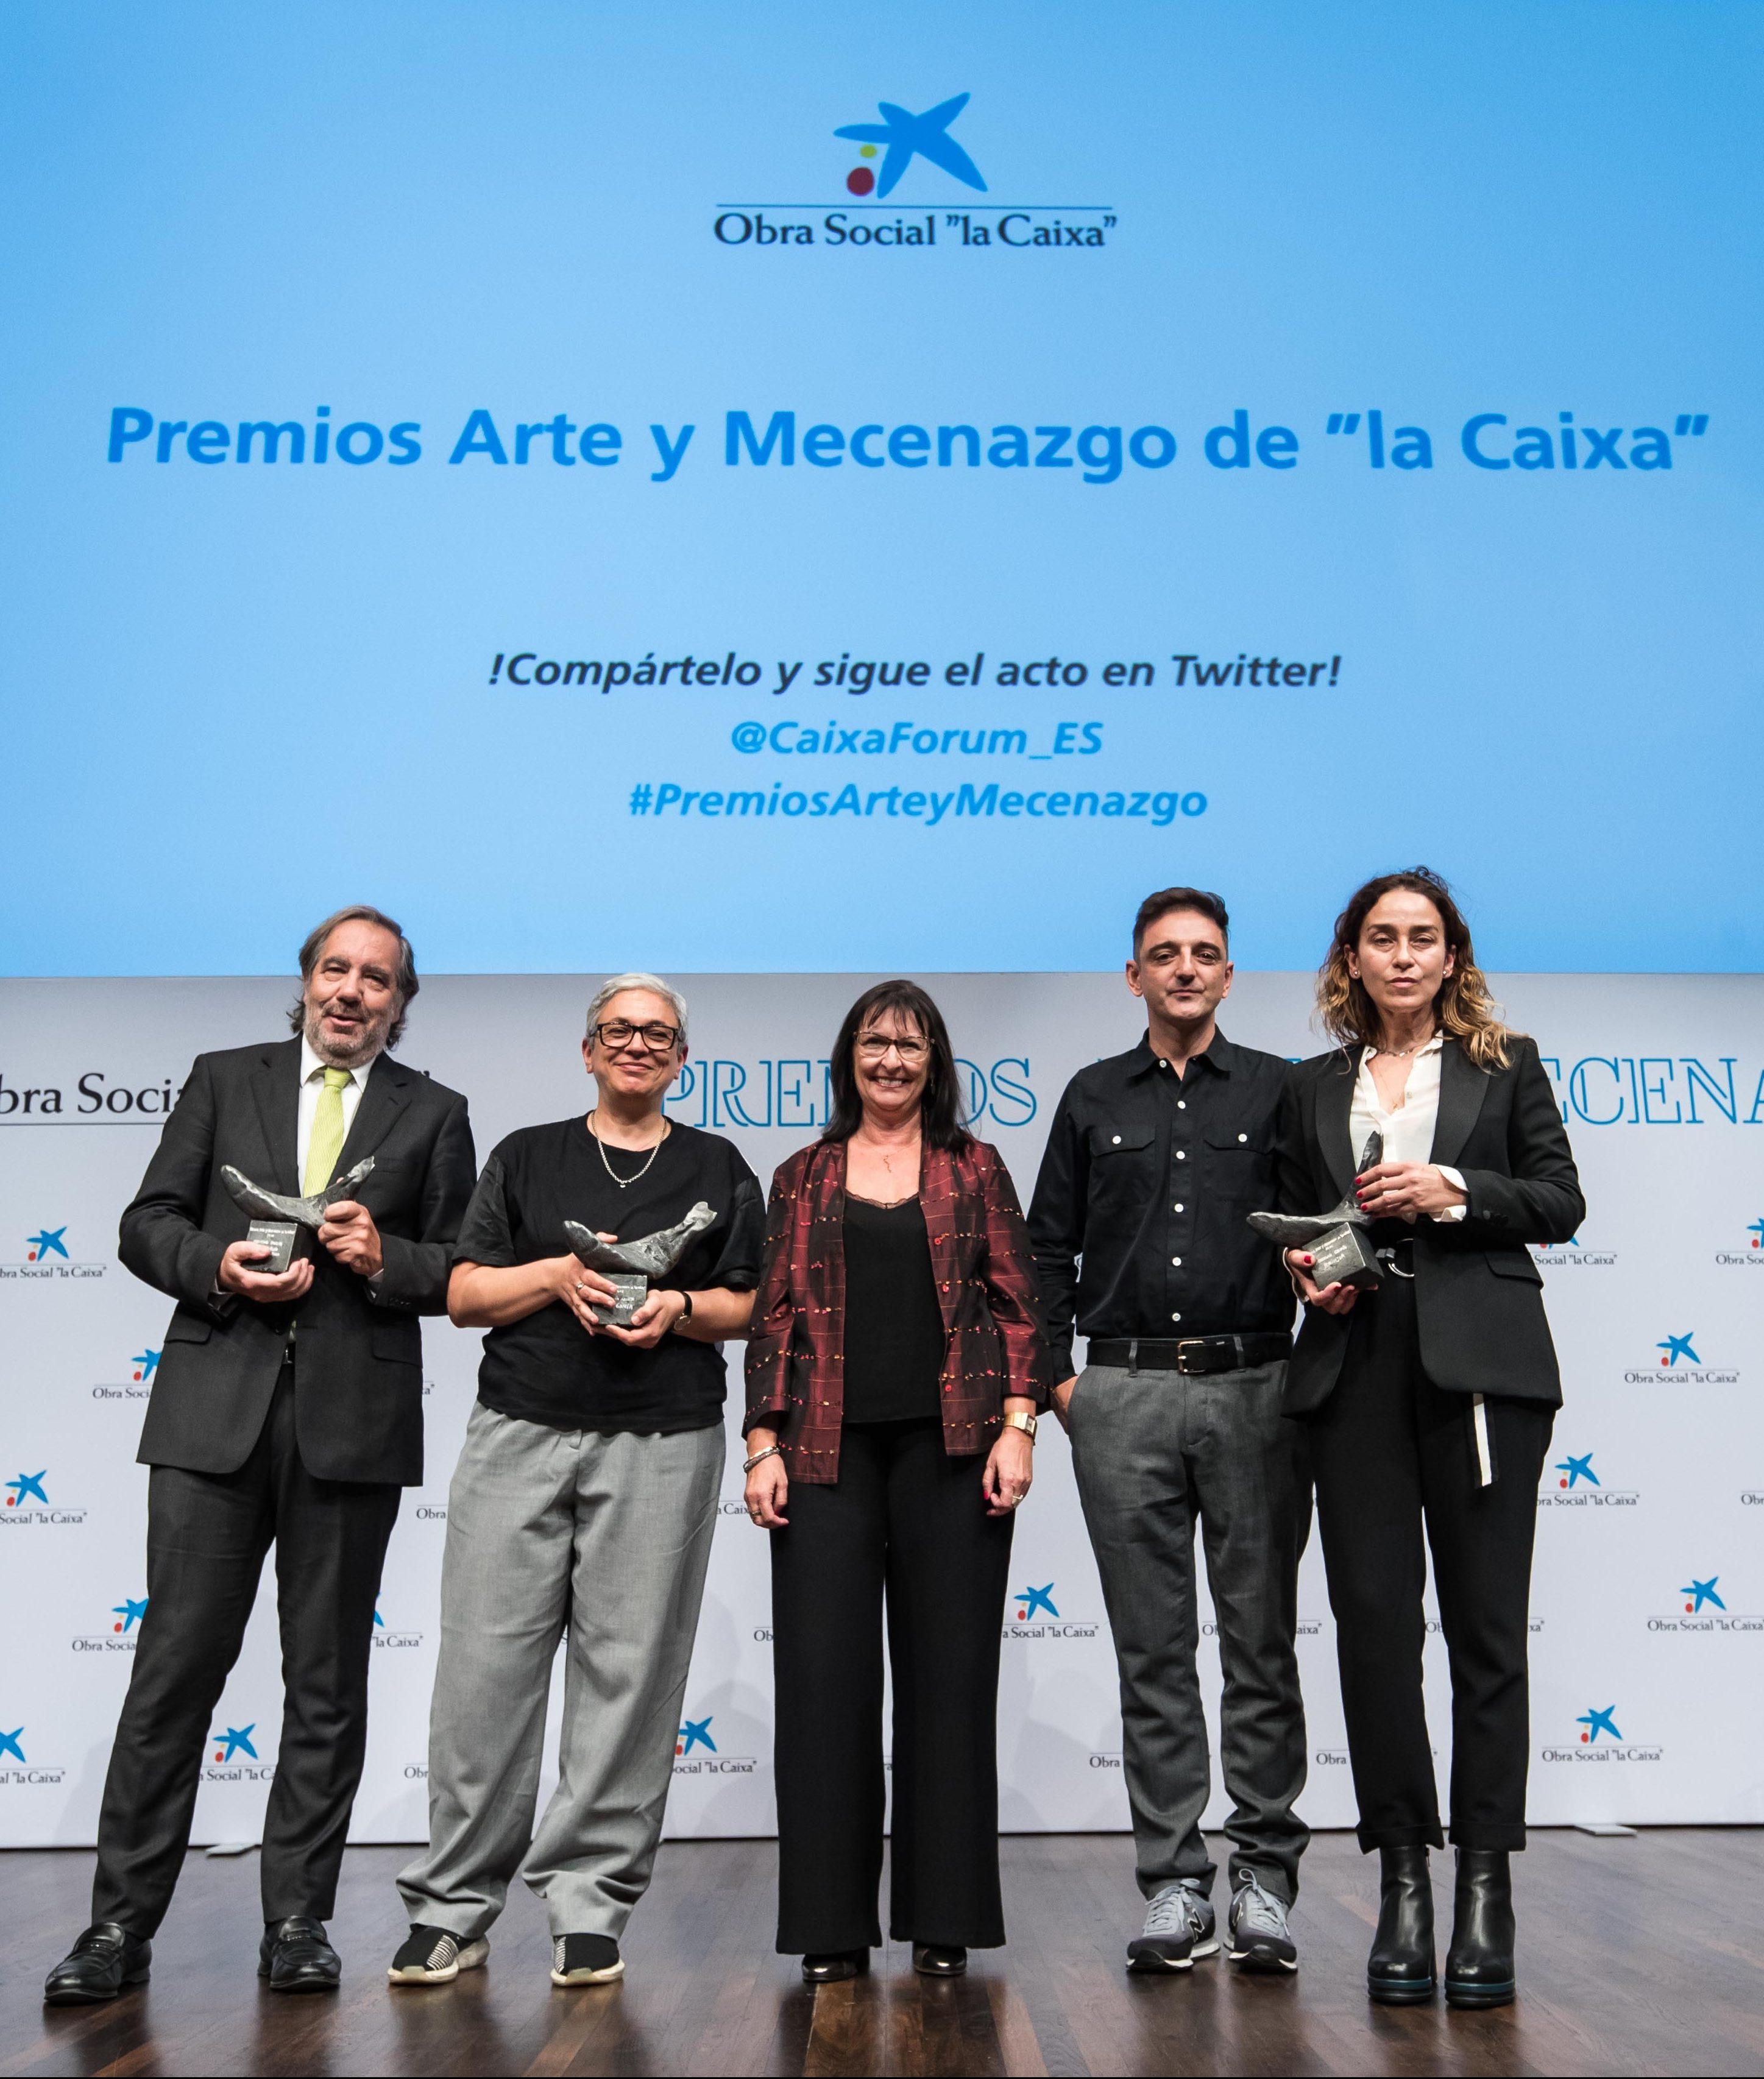 Entrega Premios Arte y Mecenazgo 2018 – OS la Caixa 1 (1)